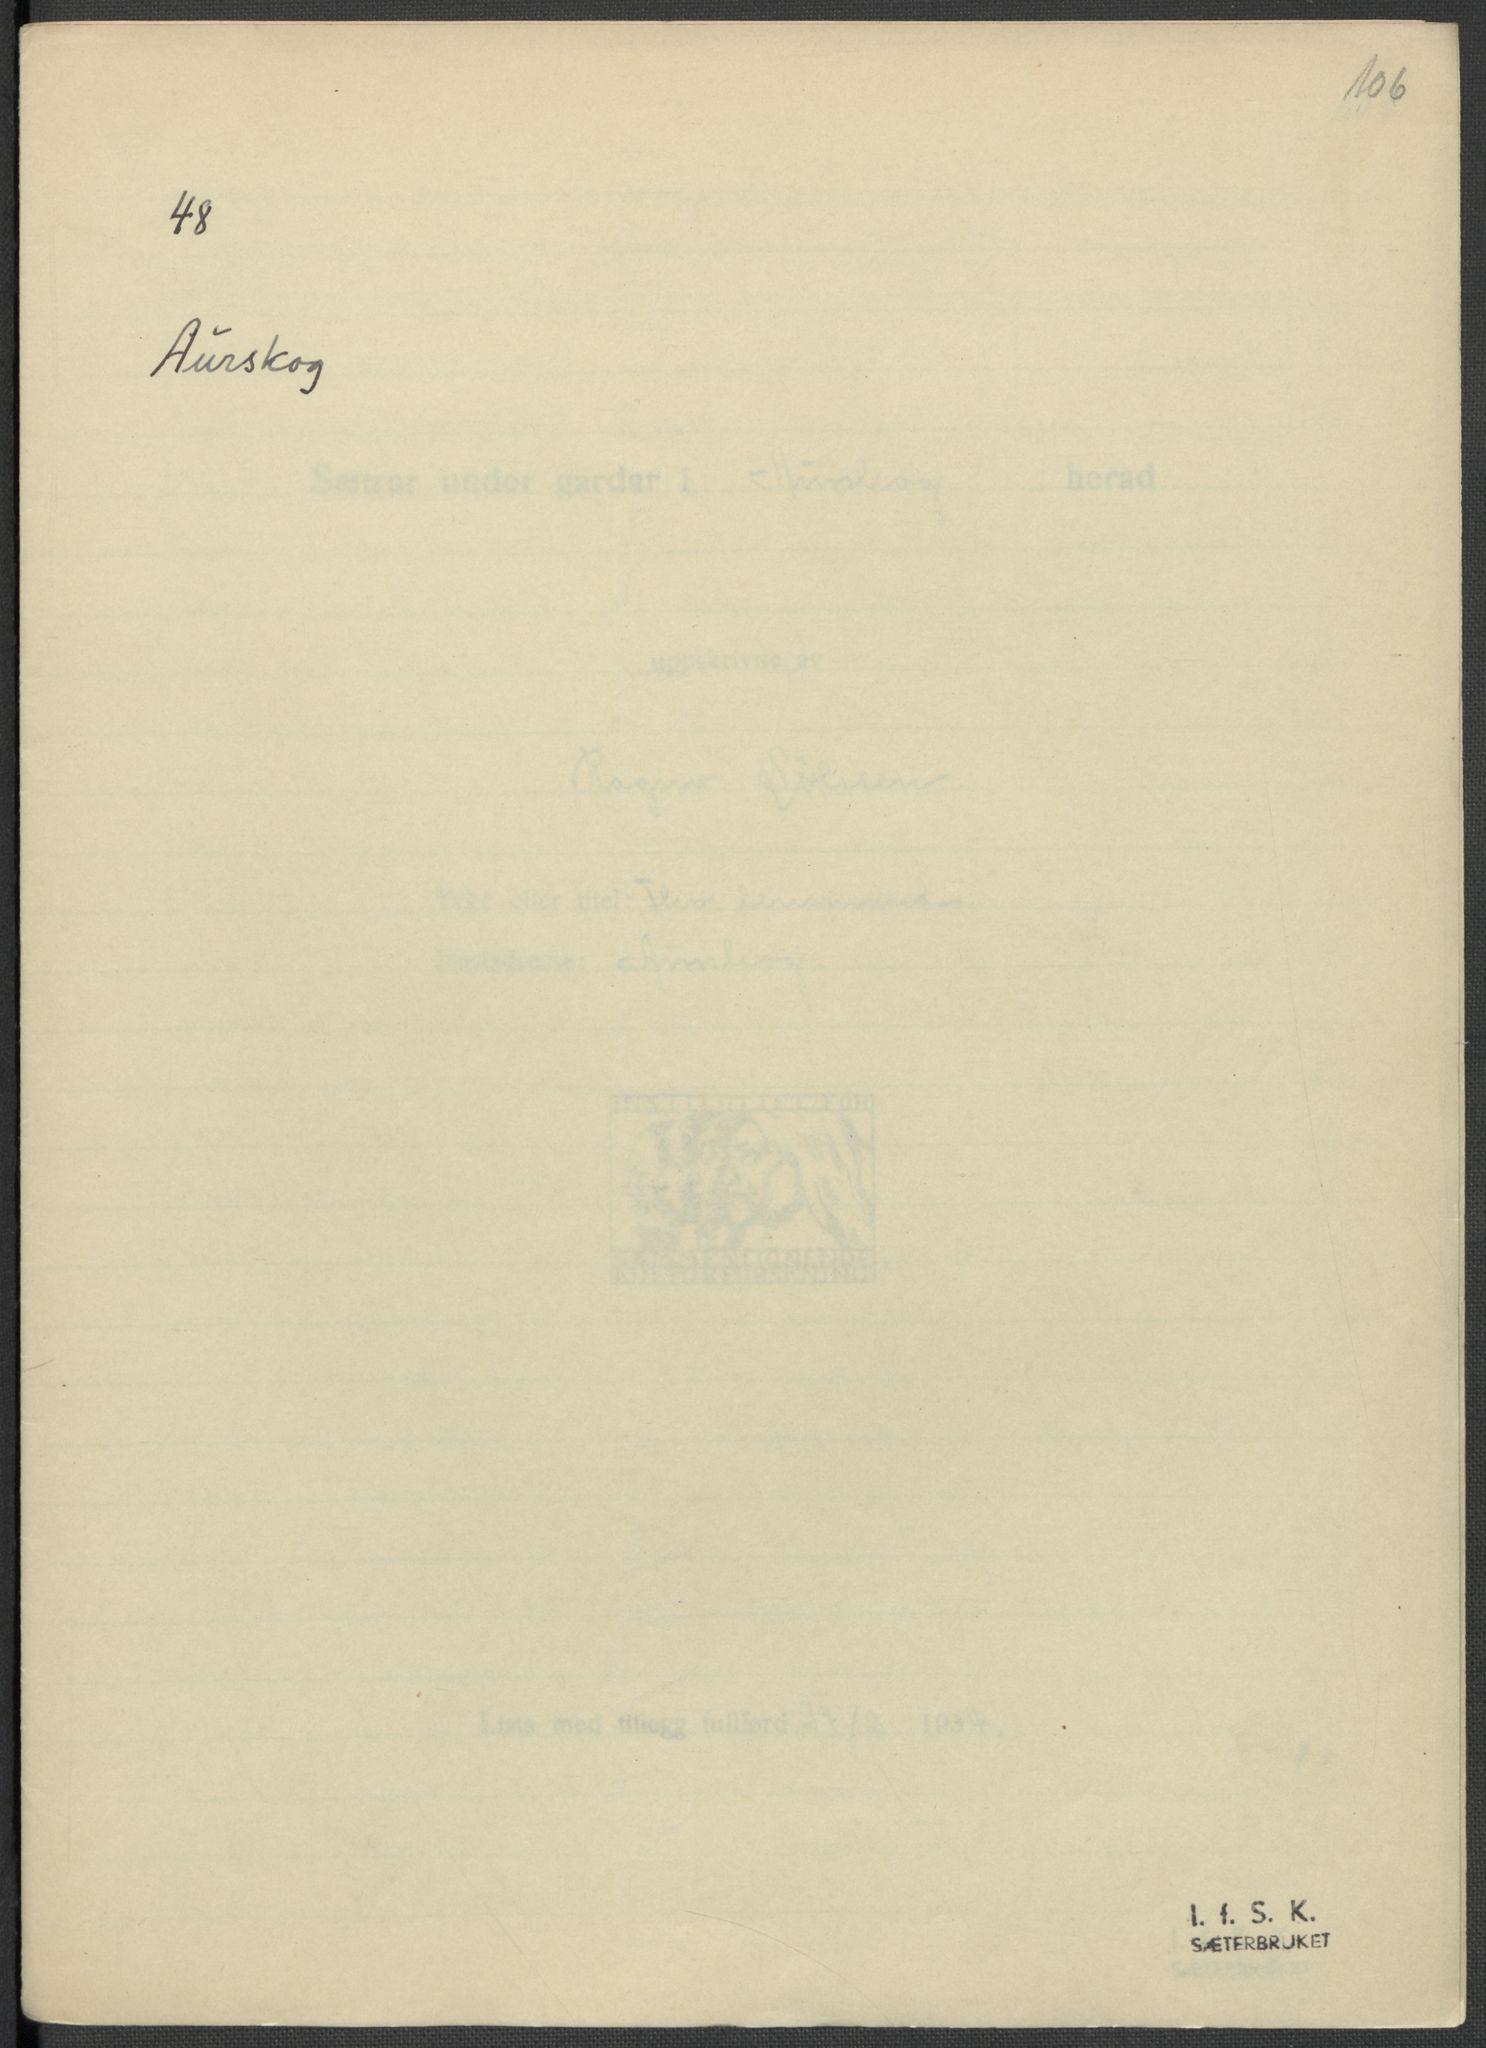 RA, Instituttet for sammenlignende kulturforskning, F/Fc/L0002: Eske B2:, 1932-1936, s. 106